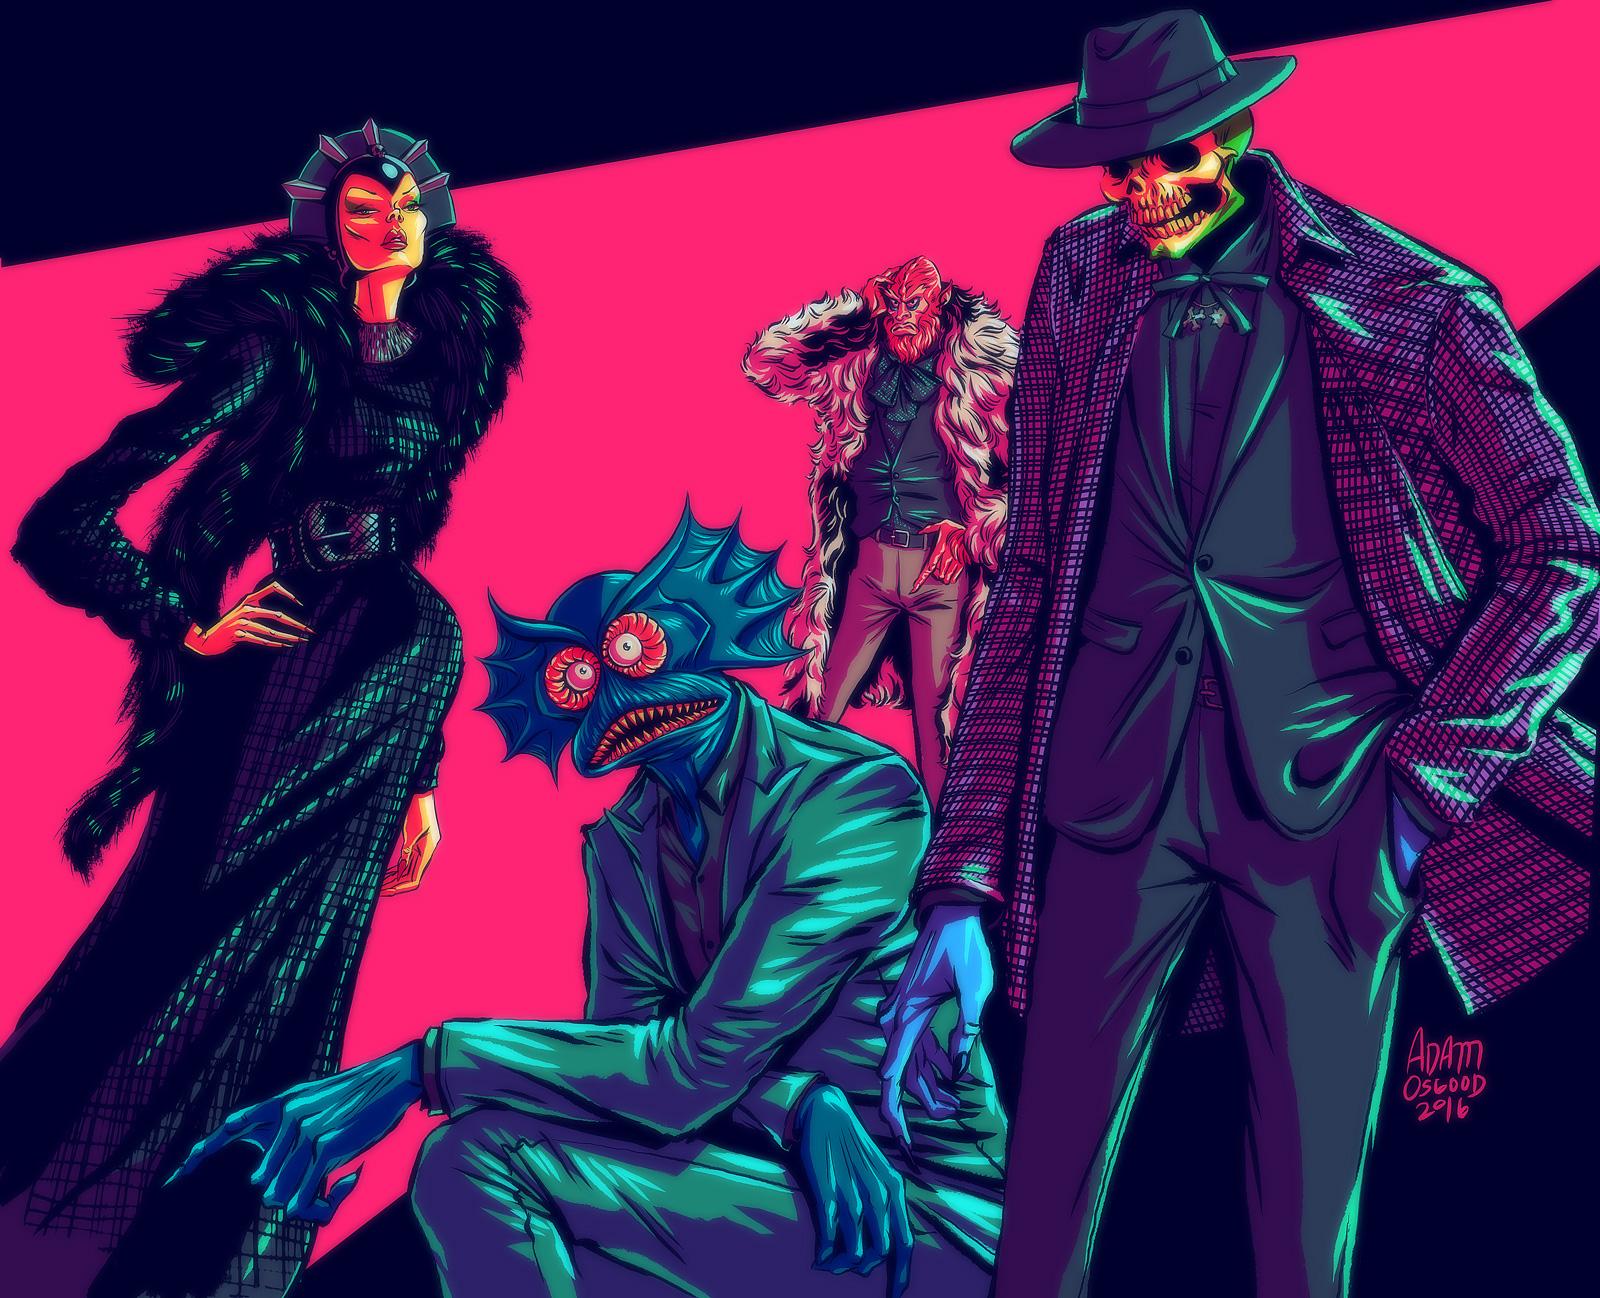 Vanity Fair I (Evil-Lyn, Merman, Beastman, and Skeletor)